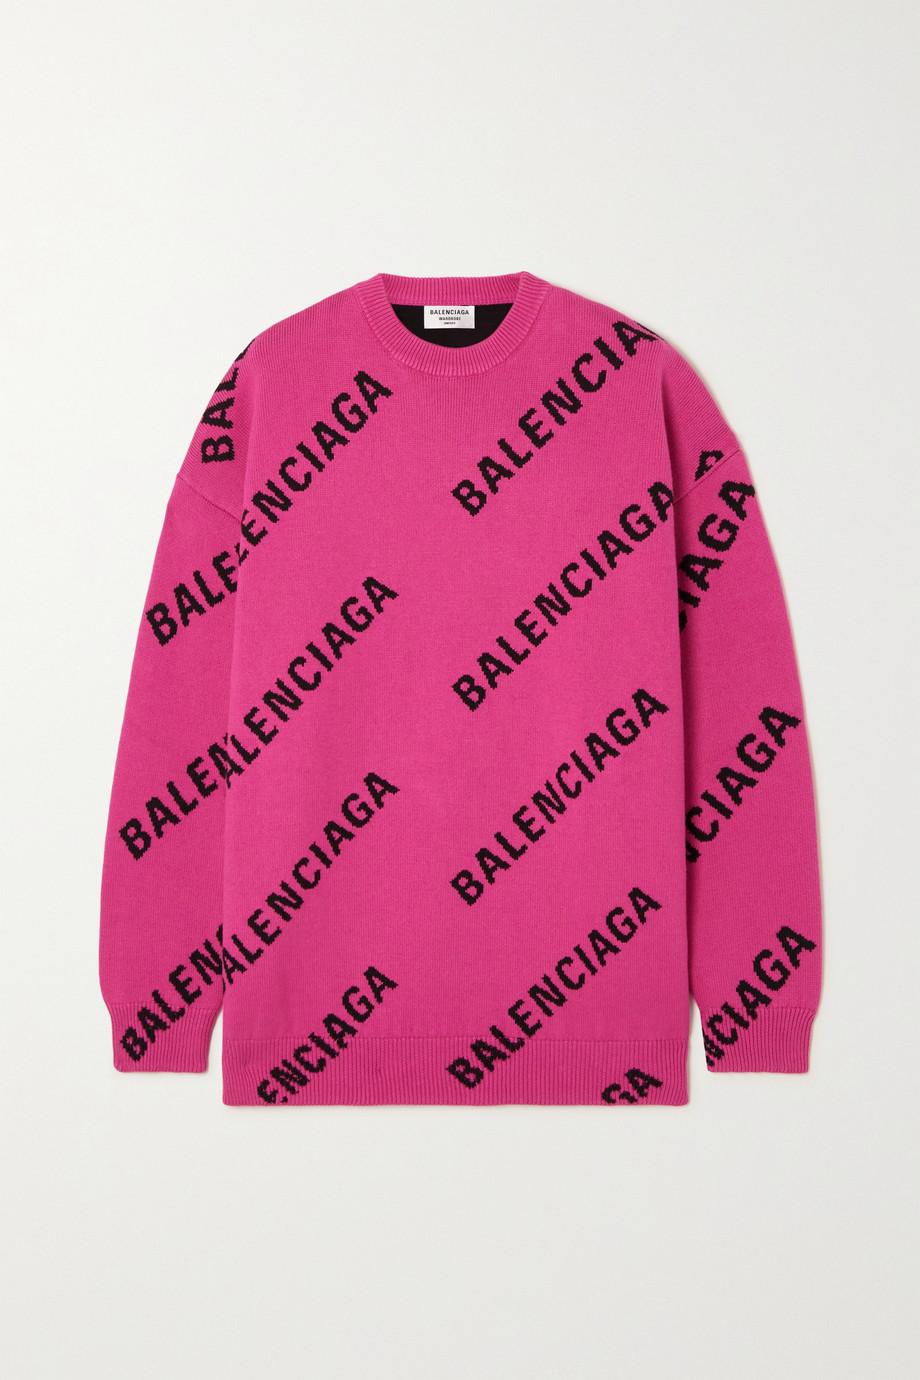 Balenciaga Pullover aus einer Baumwollmischung mit Intarsienmuster